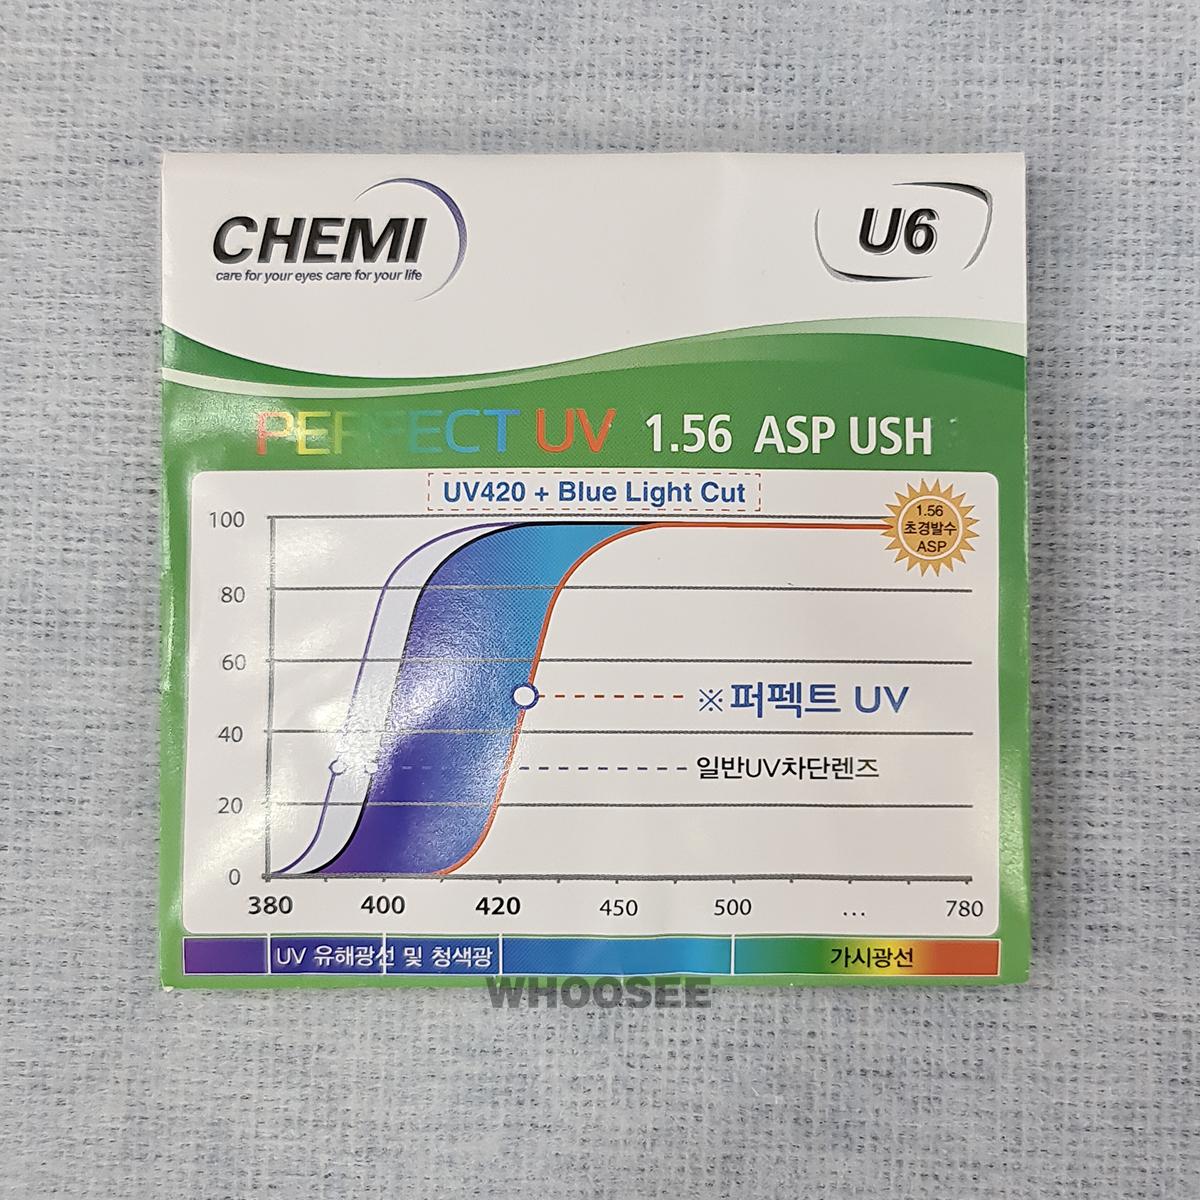 Tròng Kính Chemi U6 Chiết Suất 156 Giá 450k (1)